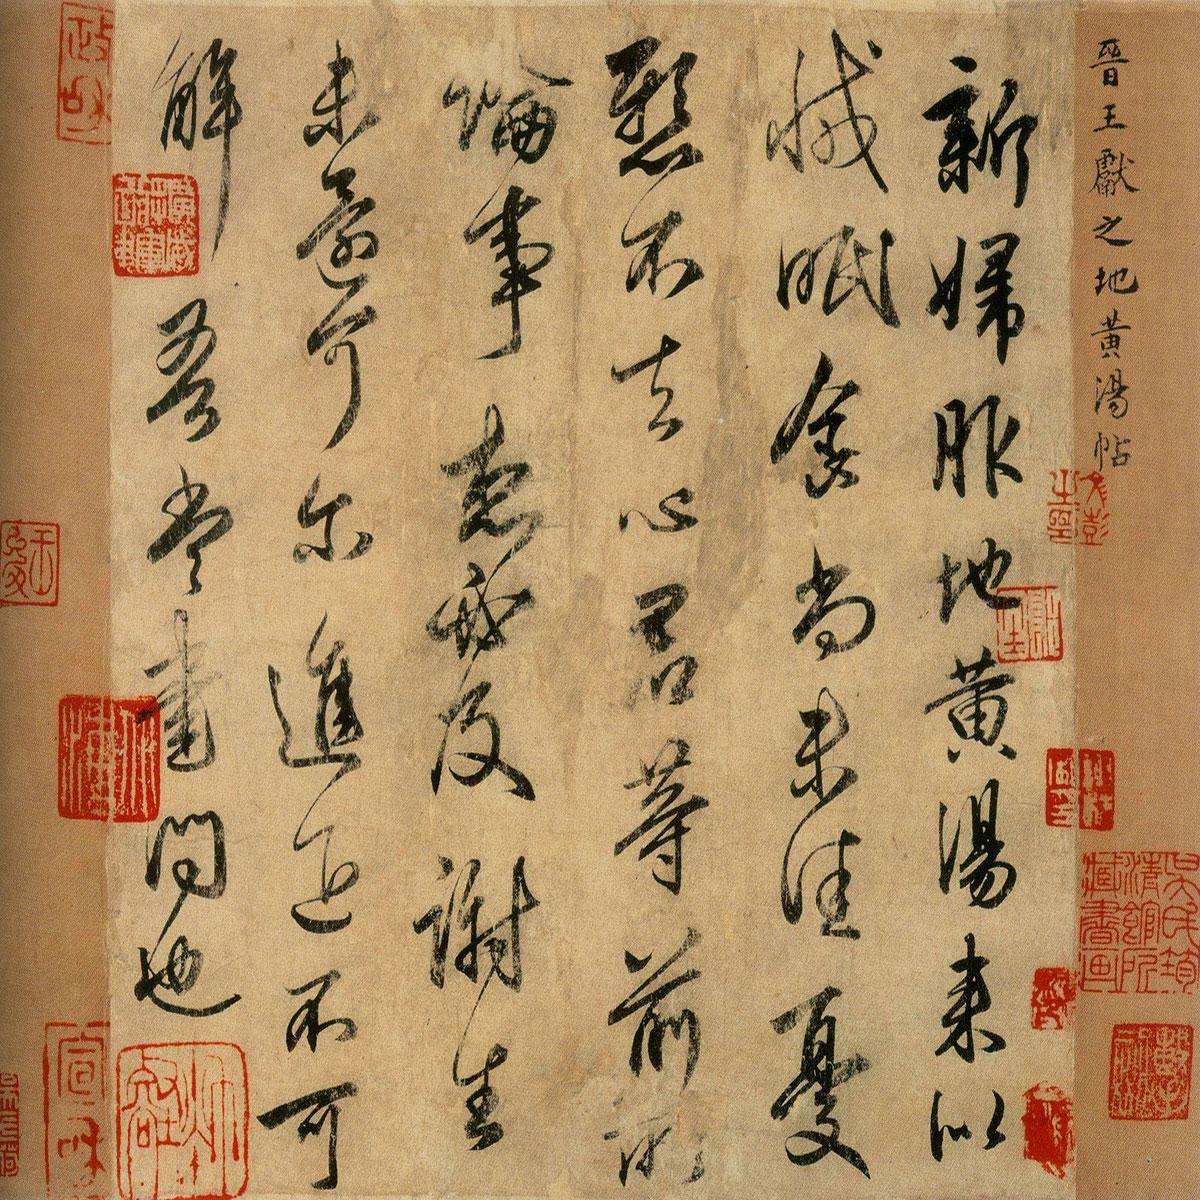 kalligrafi-07